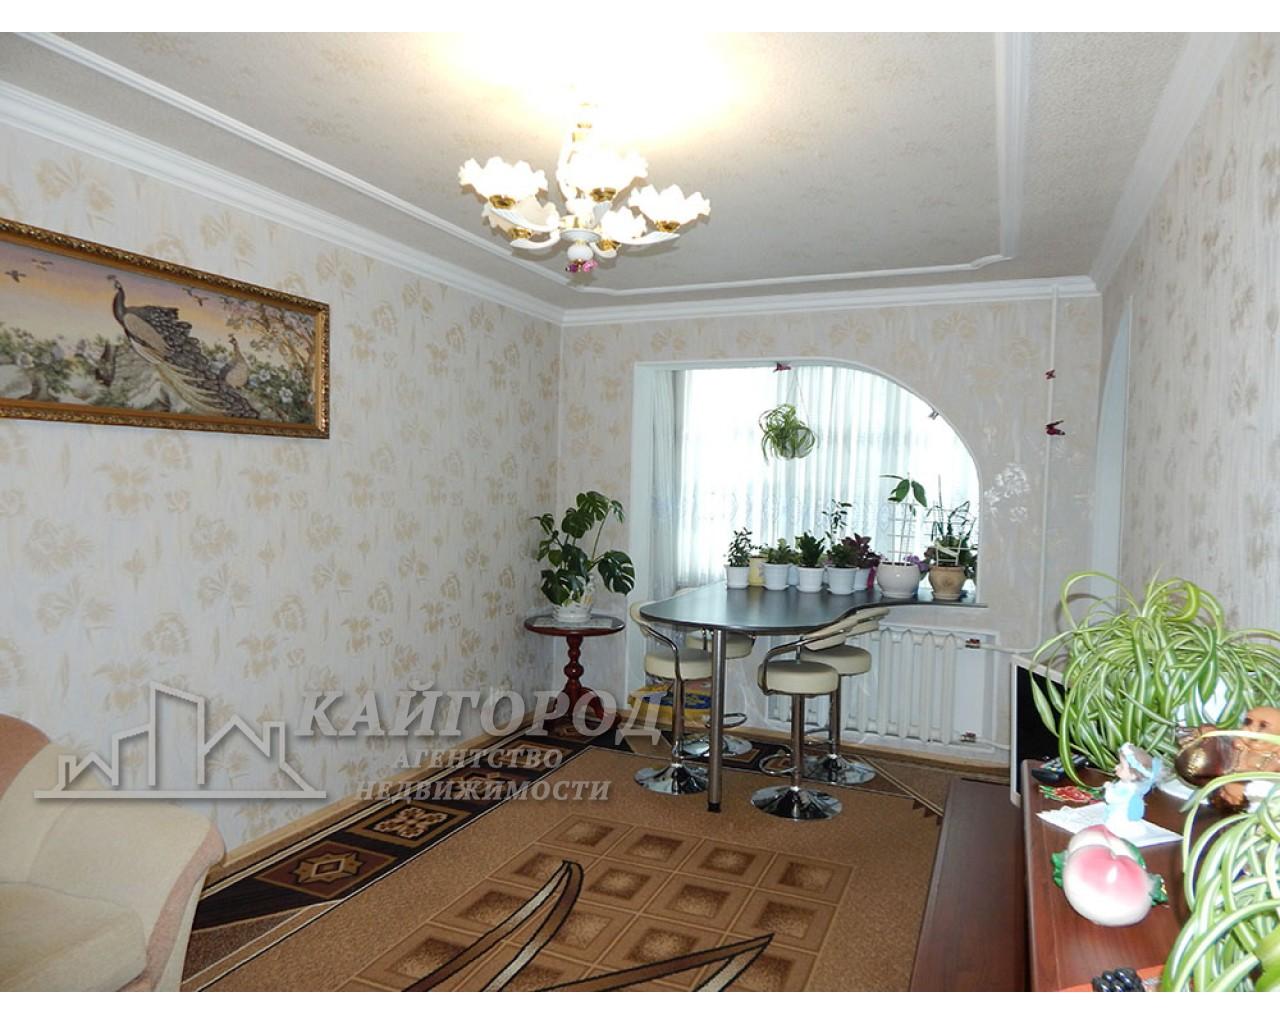 """Продам двухкомнатную квартиру в  капитальном ремонте рядом с парком """"Александрия"""""""